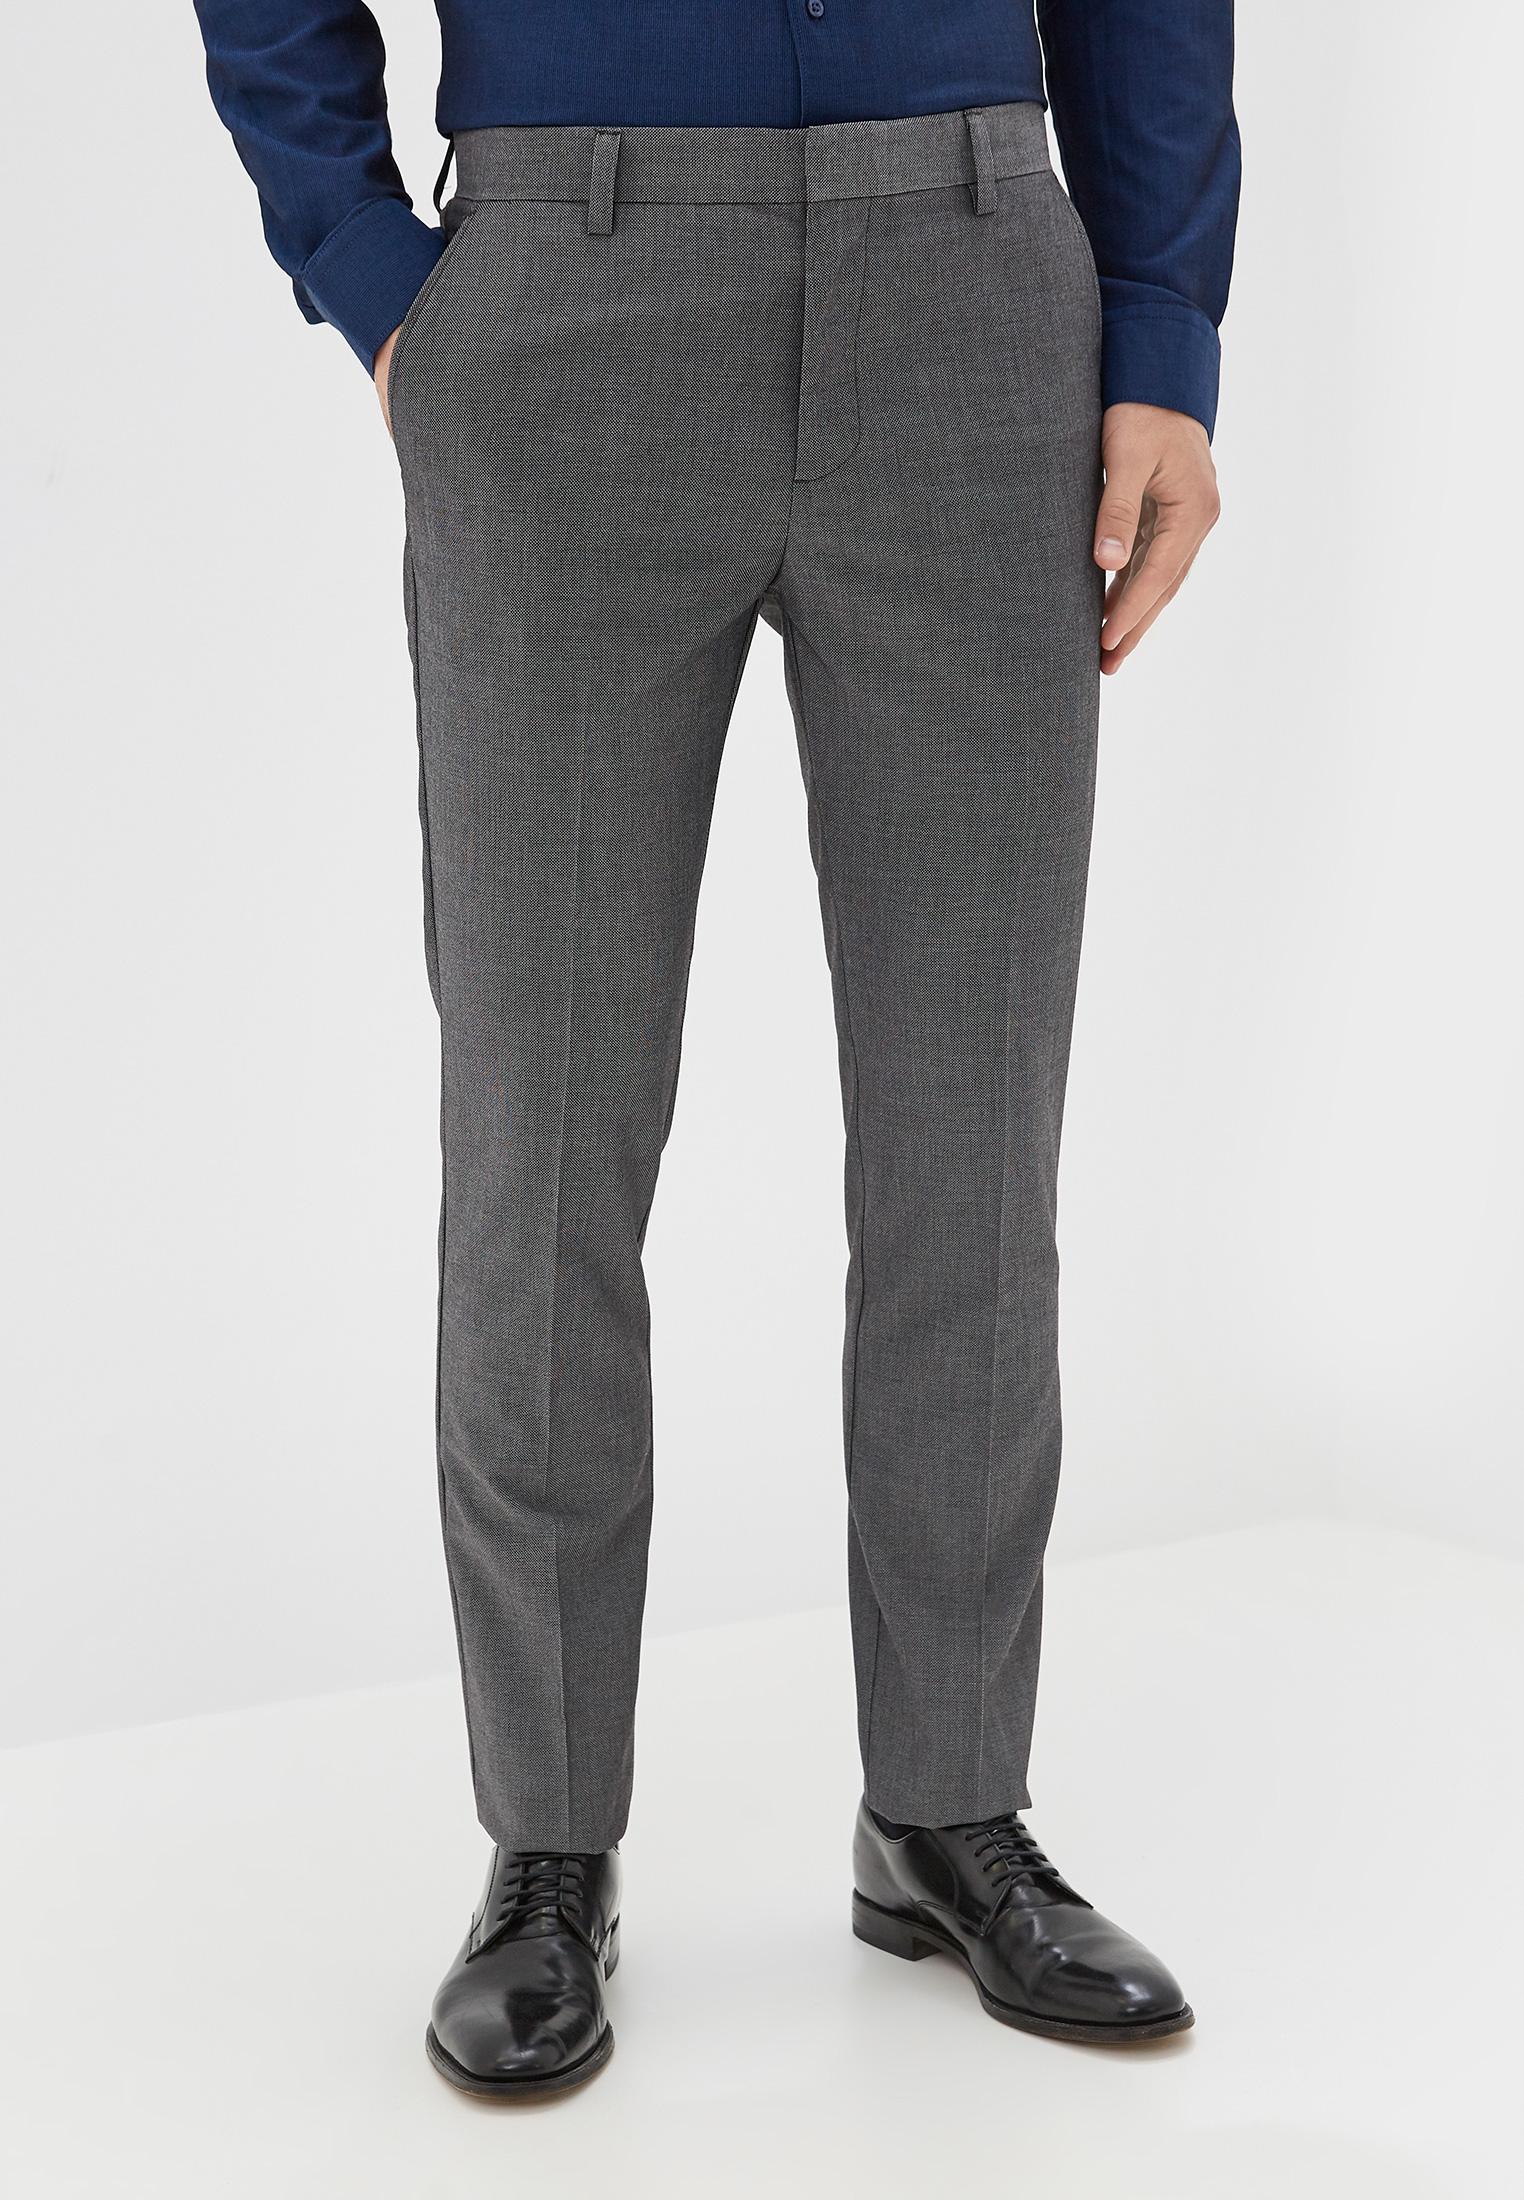 Мужские повседневные брюки O'stin MP4V46